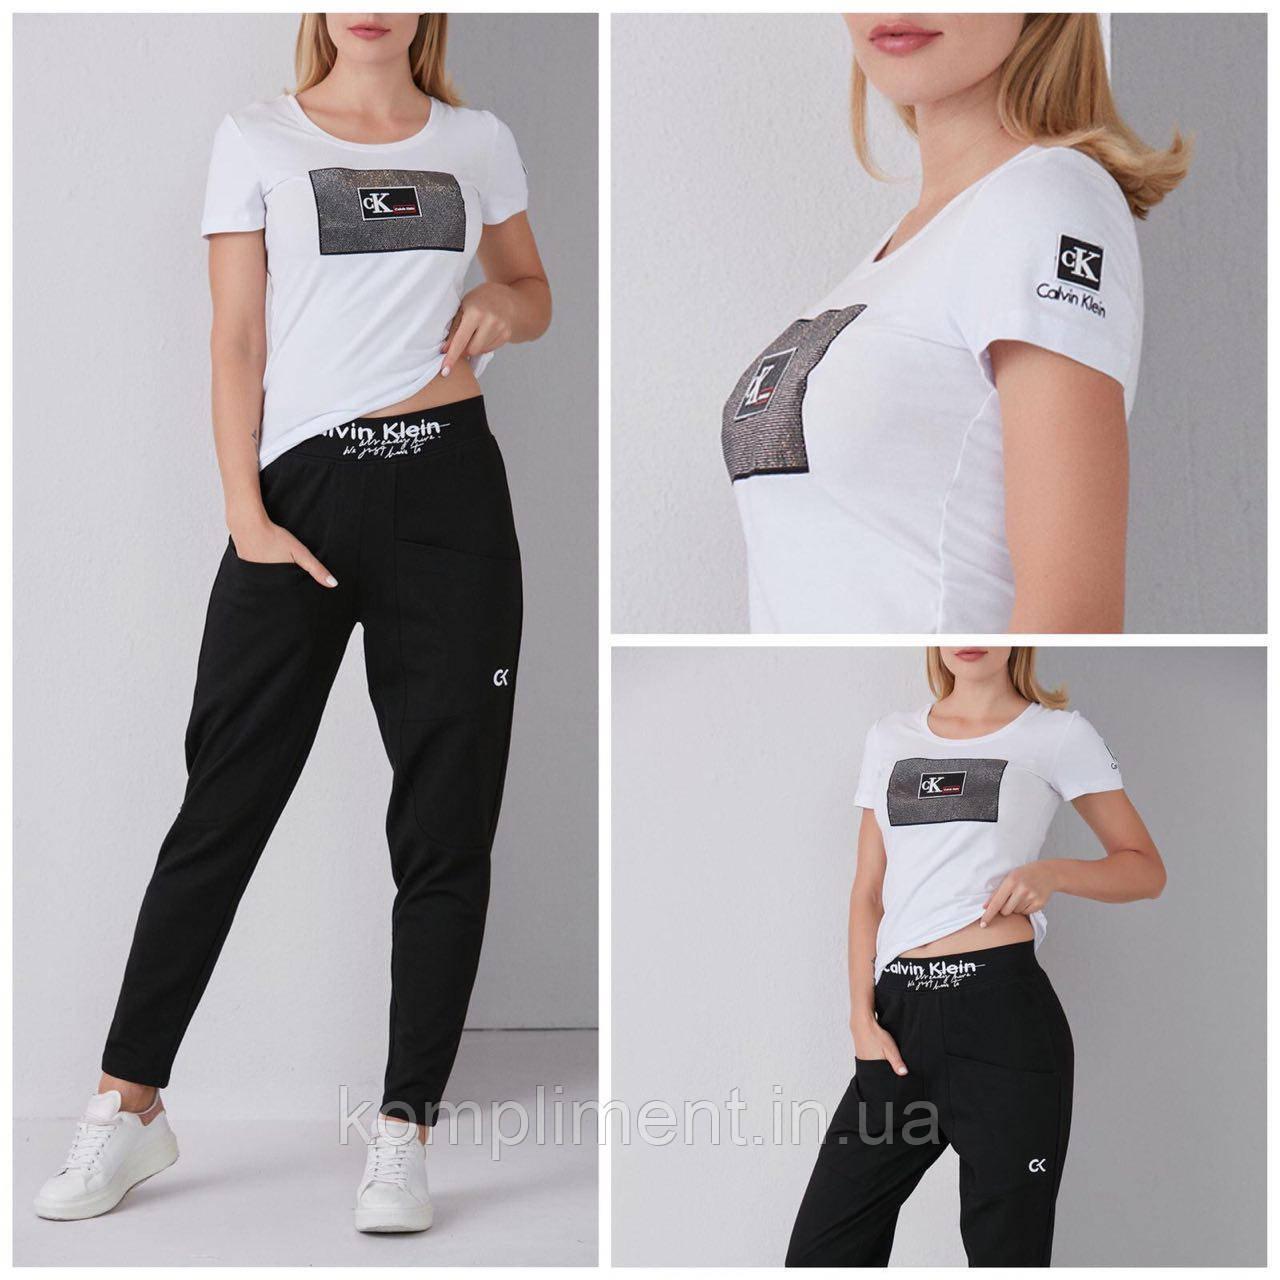 Женская модная хлопковая турецкая футболка с надписью из камней, FP 2098